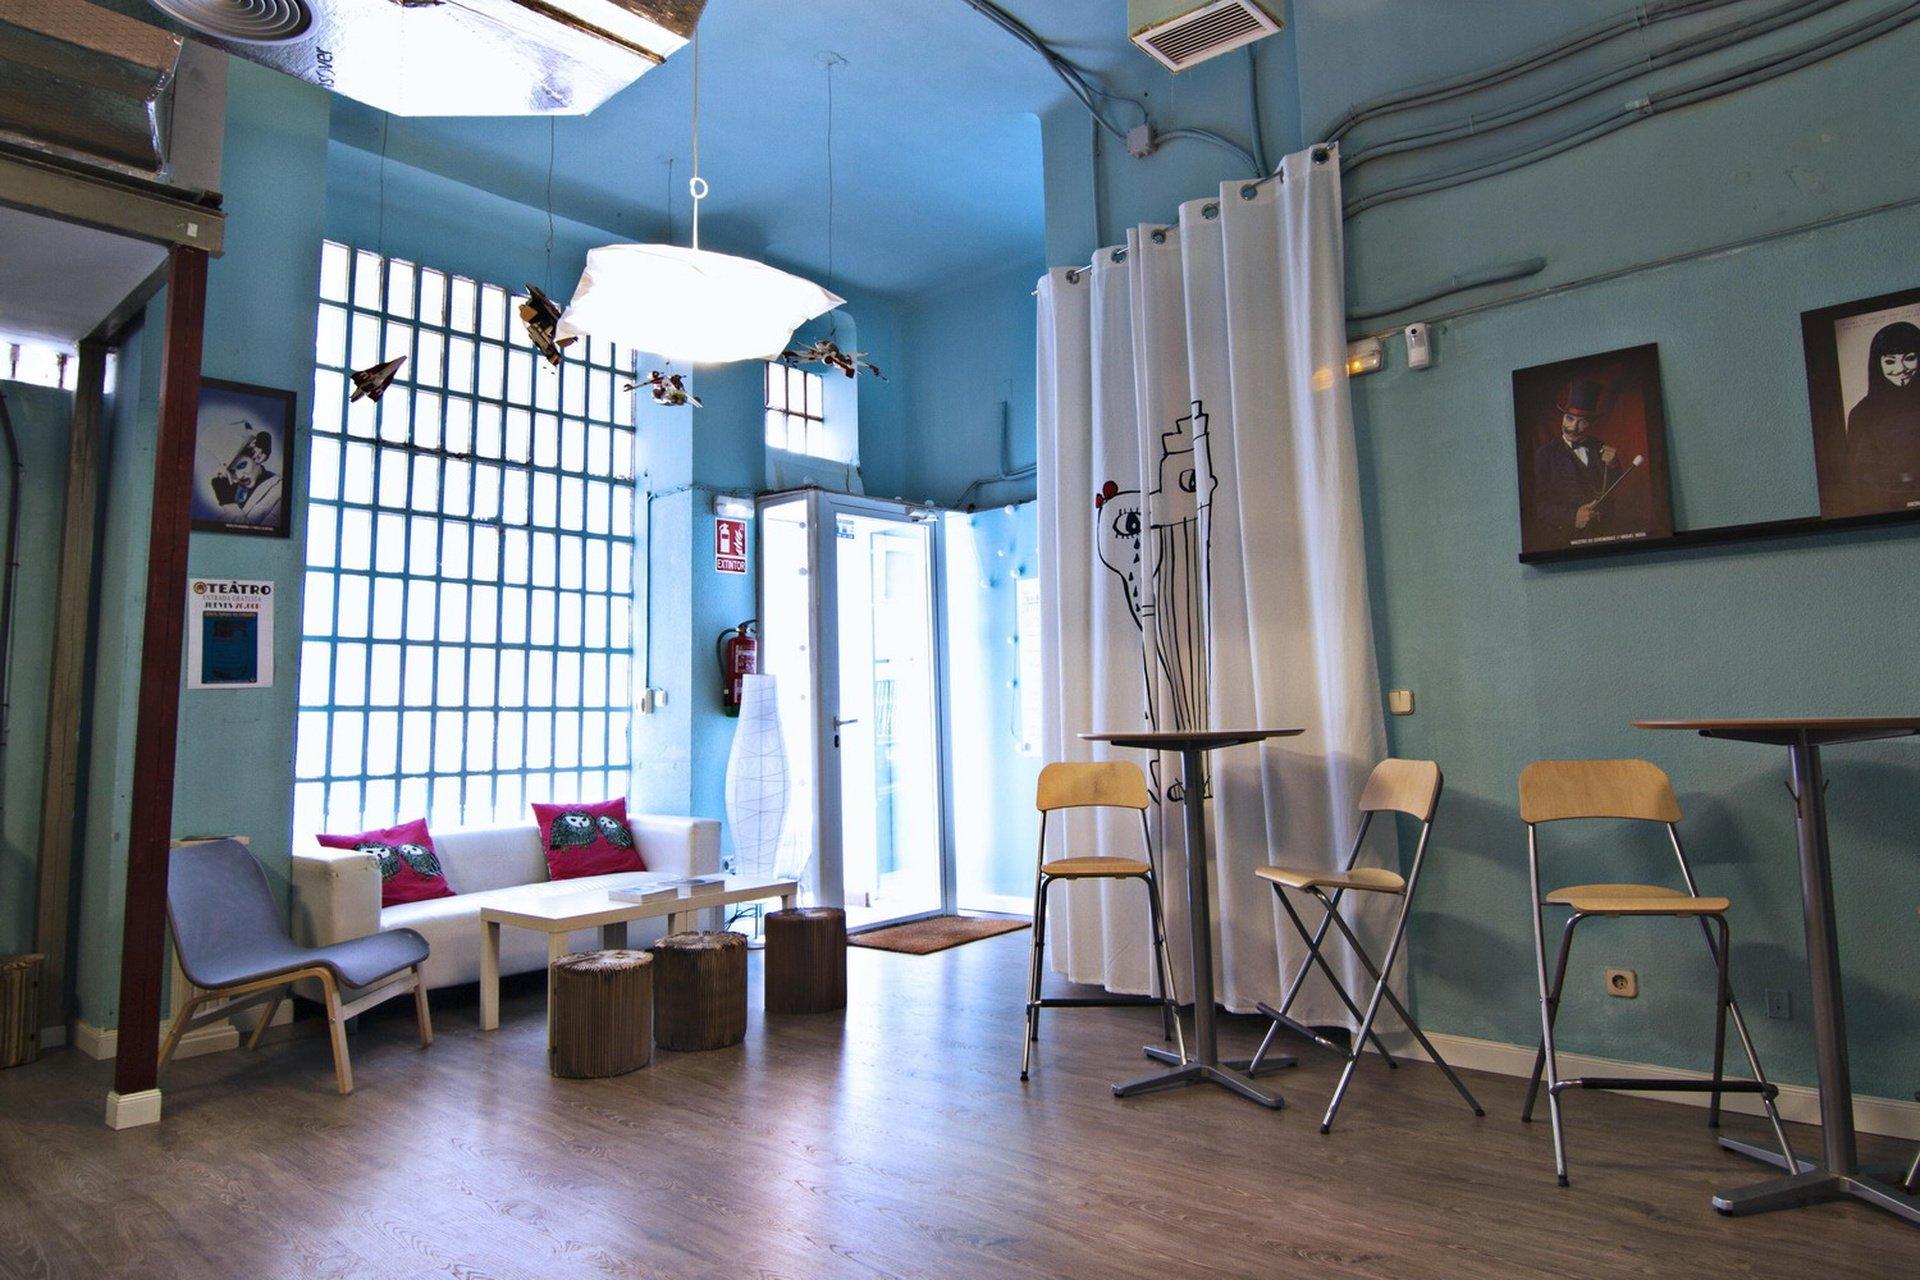 Madrid Train station meeting rooms Meeting room La Sala Mayko - Hall image 1